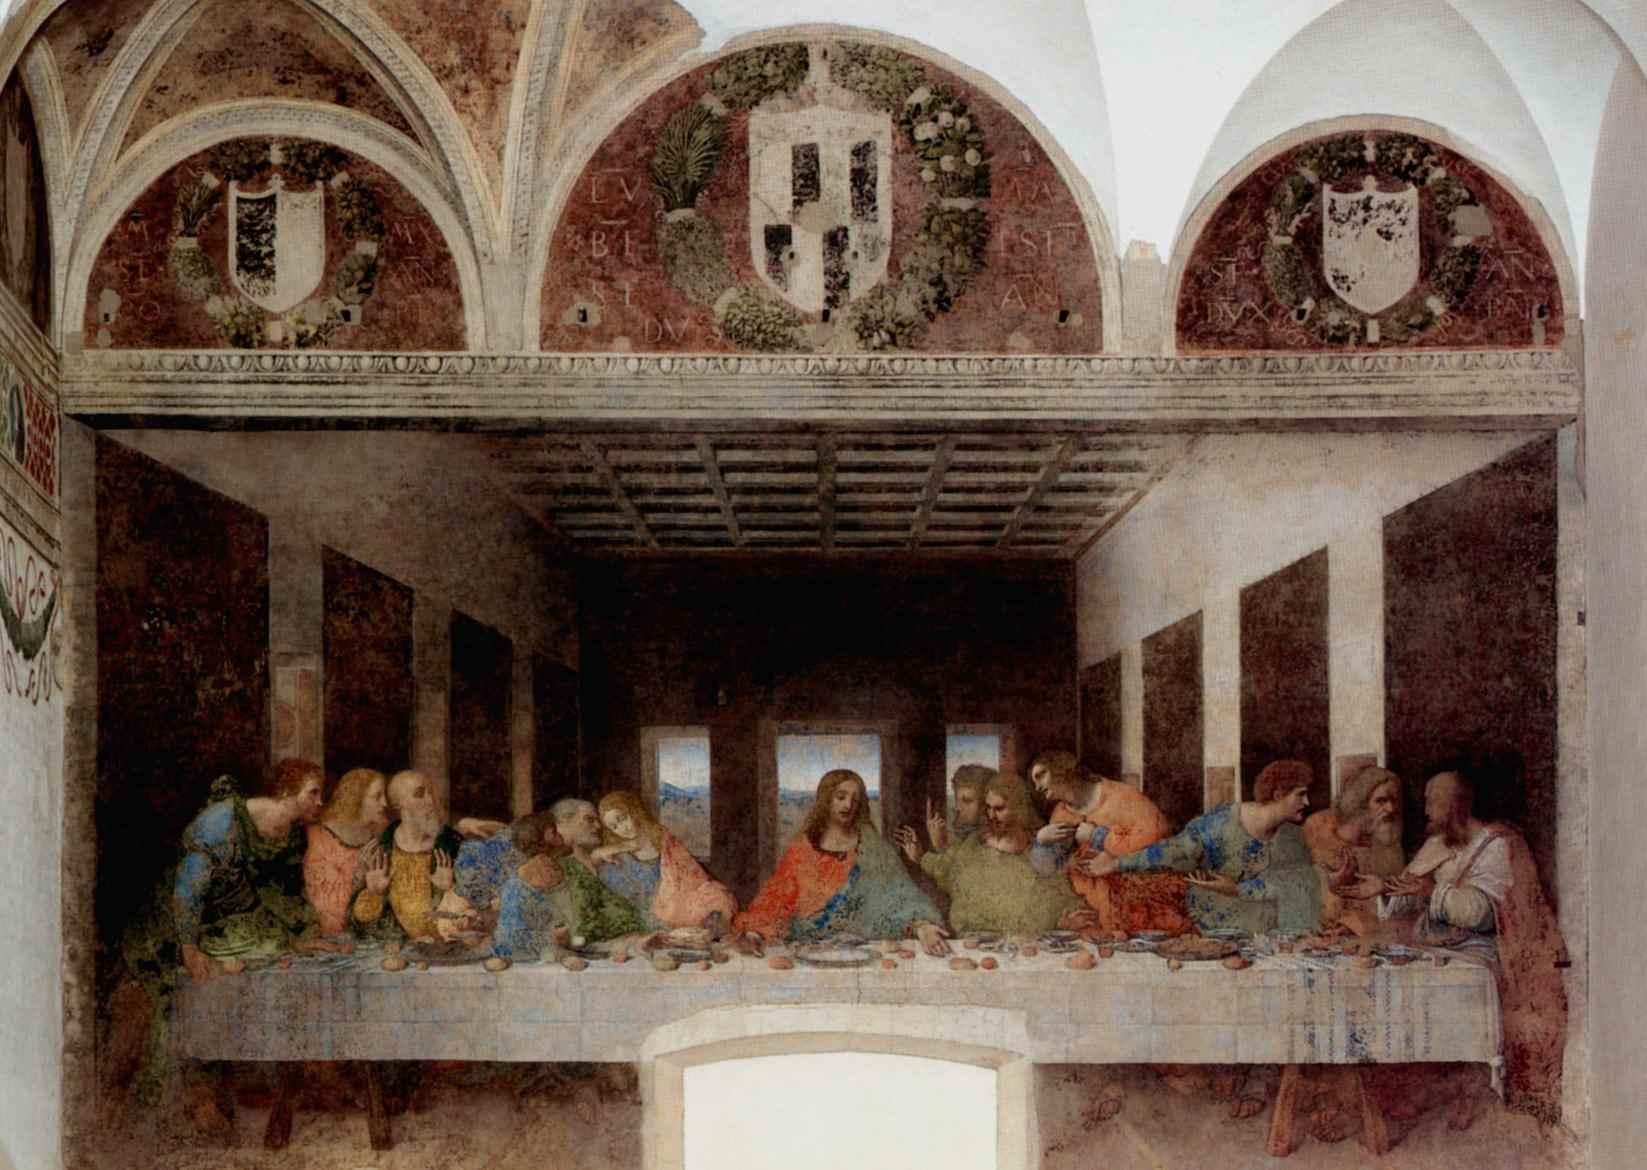 musei-civici-cenacolo-vinciano-milano